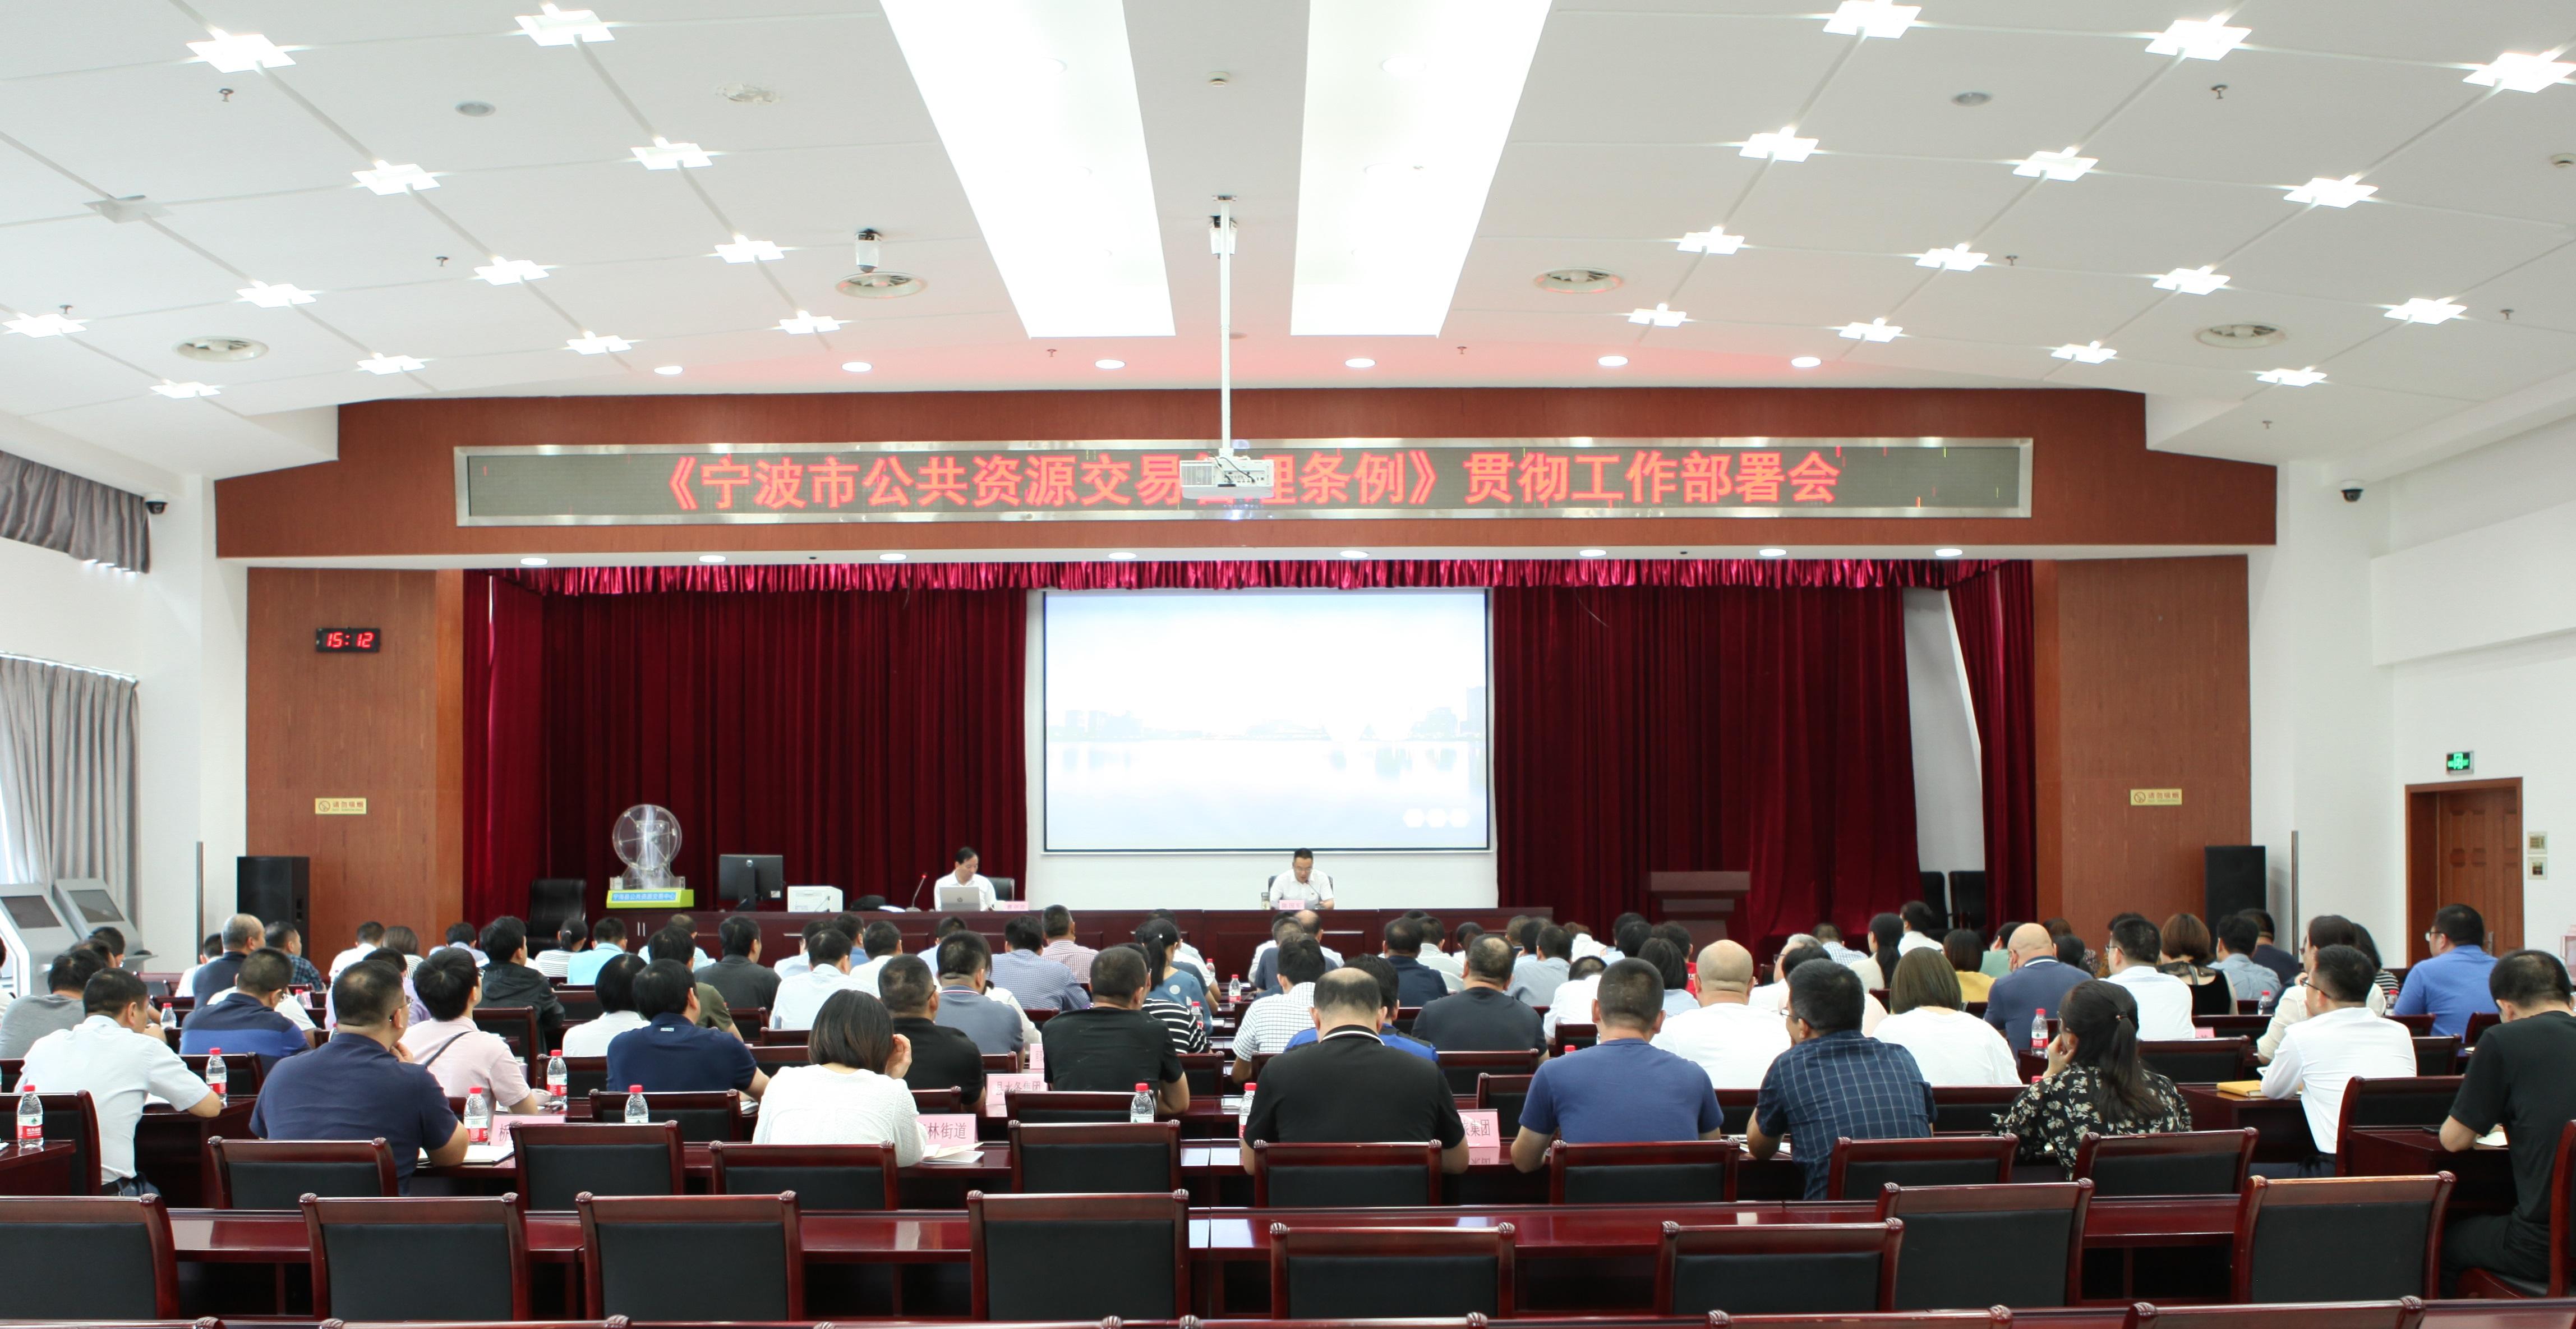 我县开展《宁波市公共资源交易管理条例》贯彻工作部署会